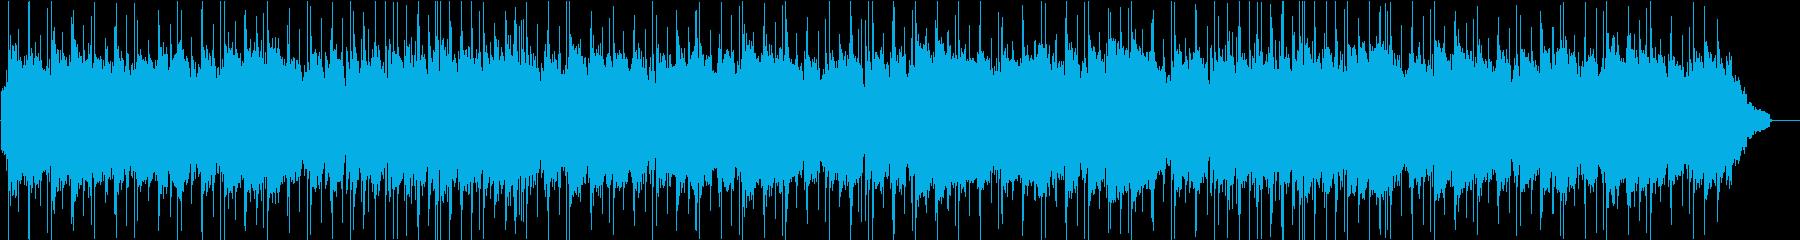 ゆったりアンニュイで落ち着く曲の再生済みの波形